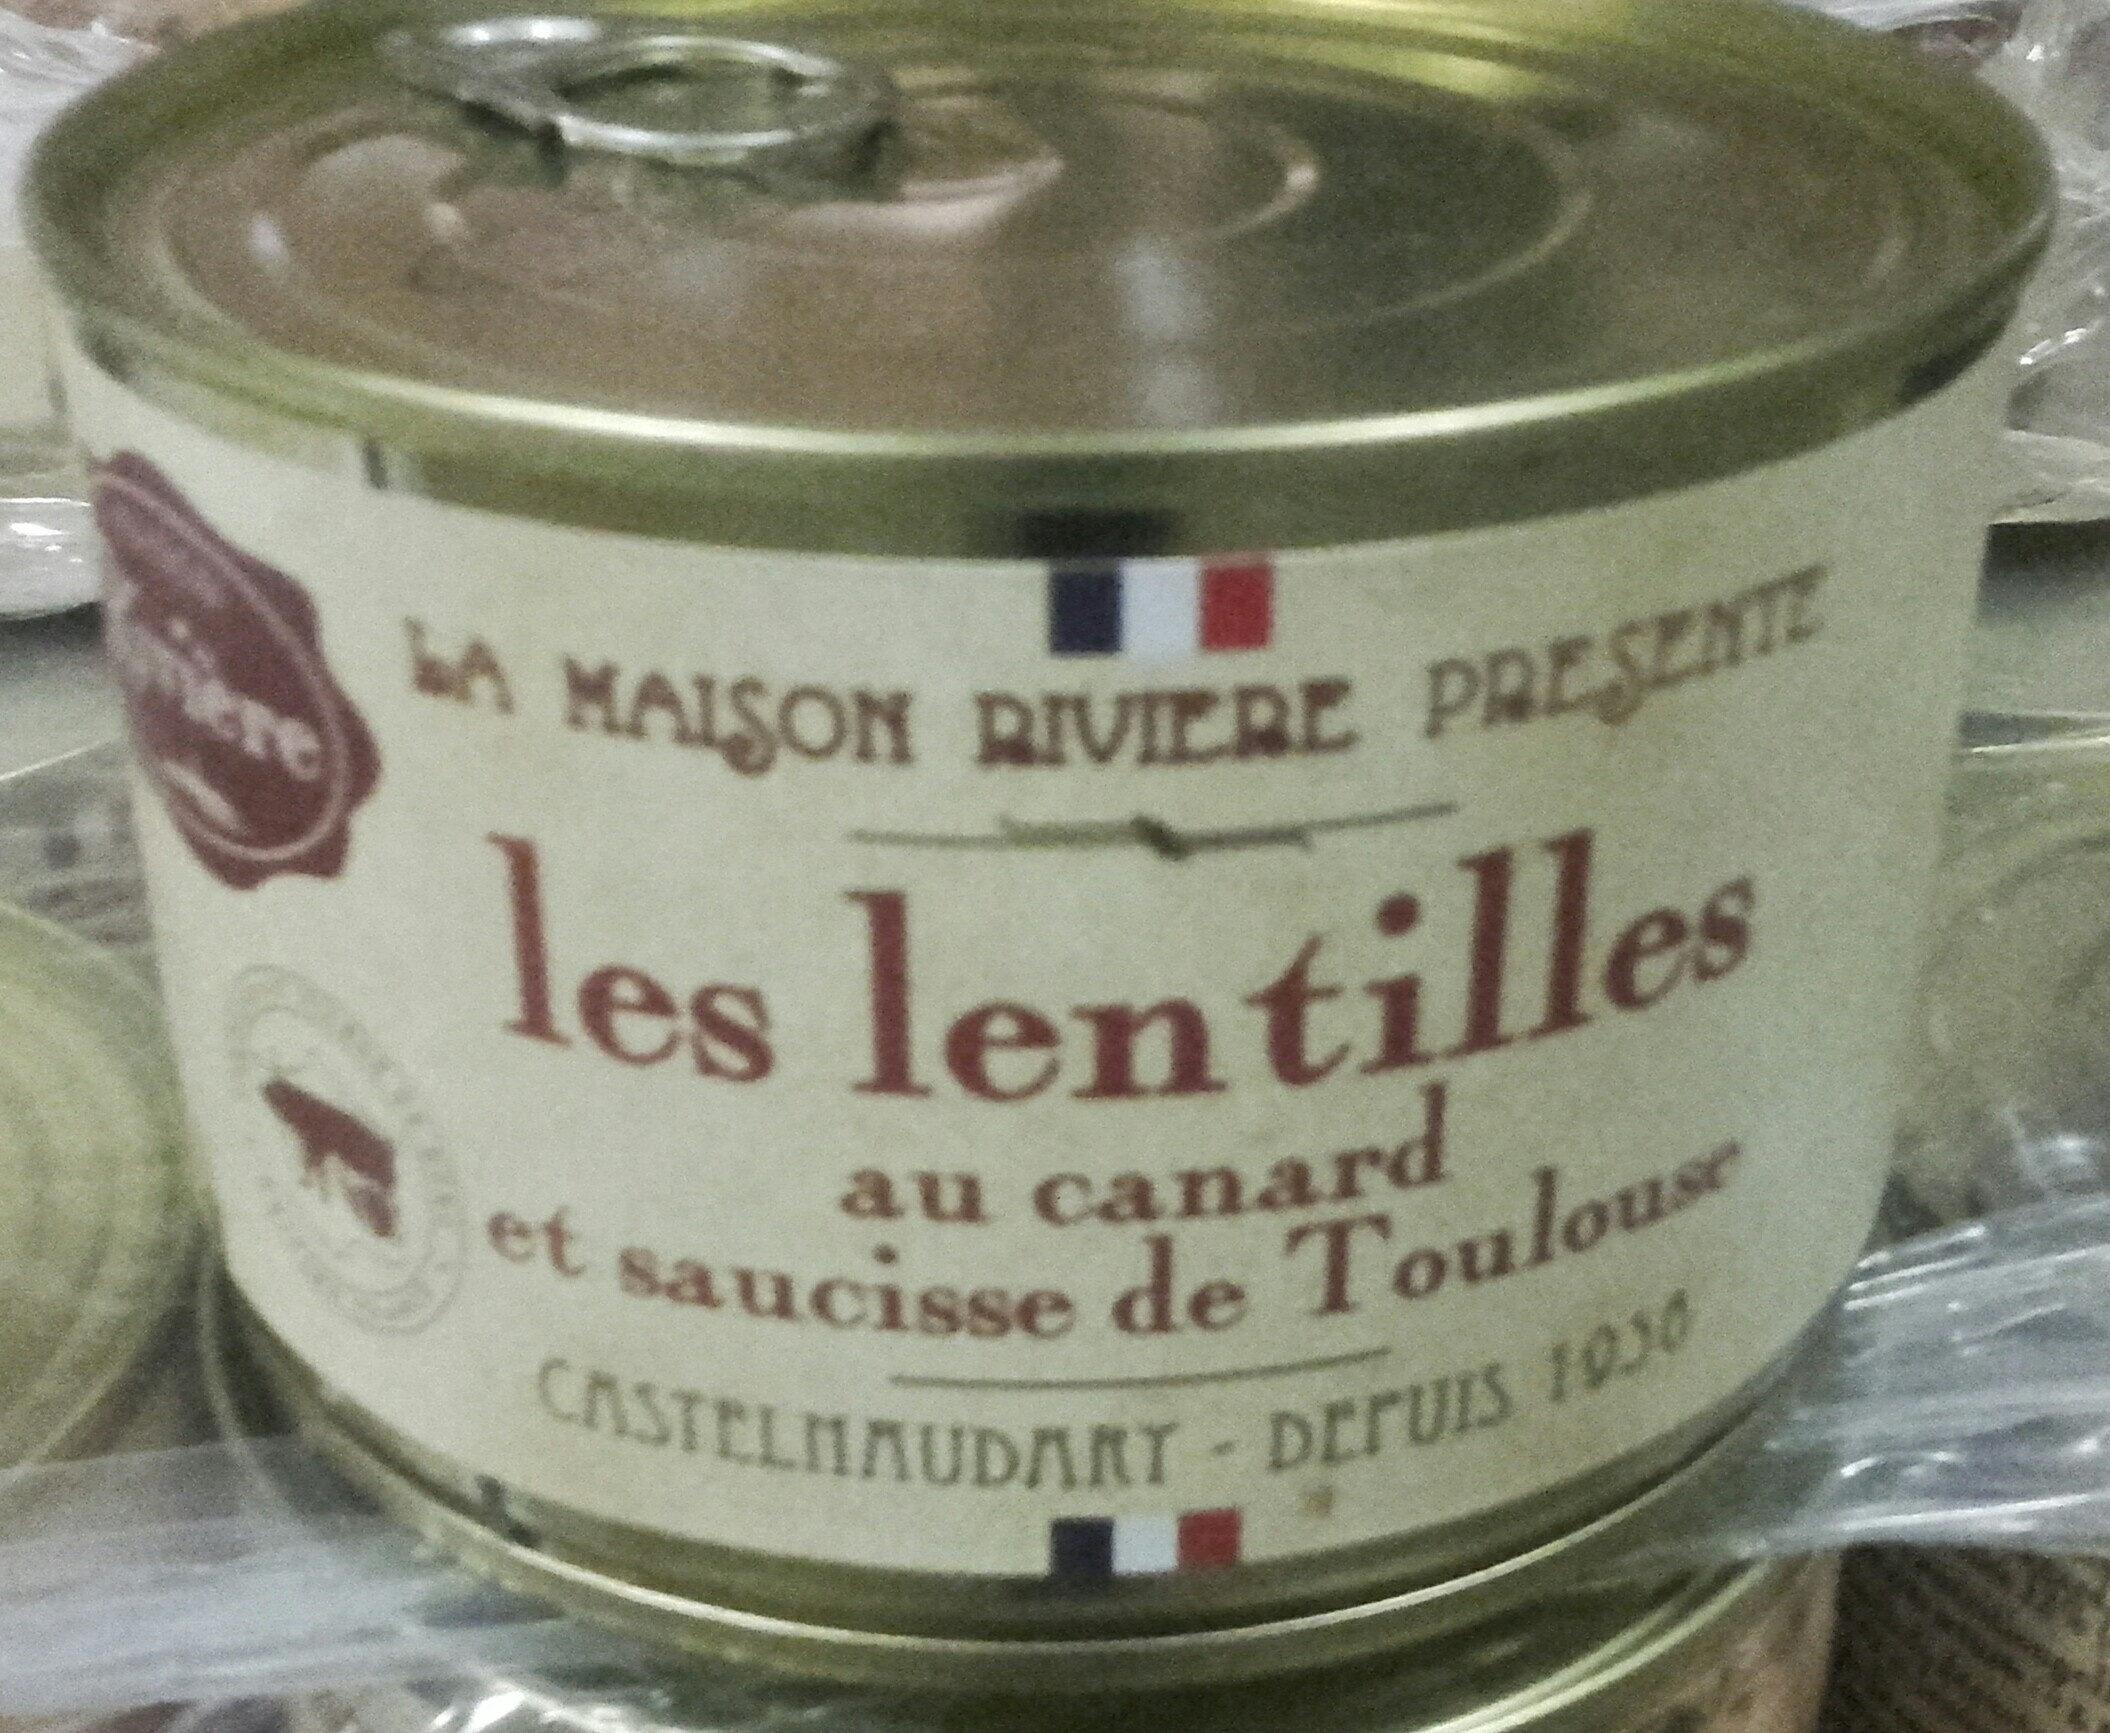 les lentilles au canard et saucisse de Toulouse, boîte 1/2 - Product